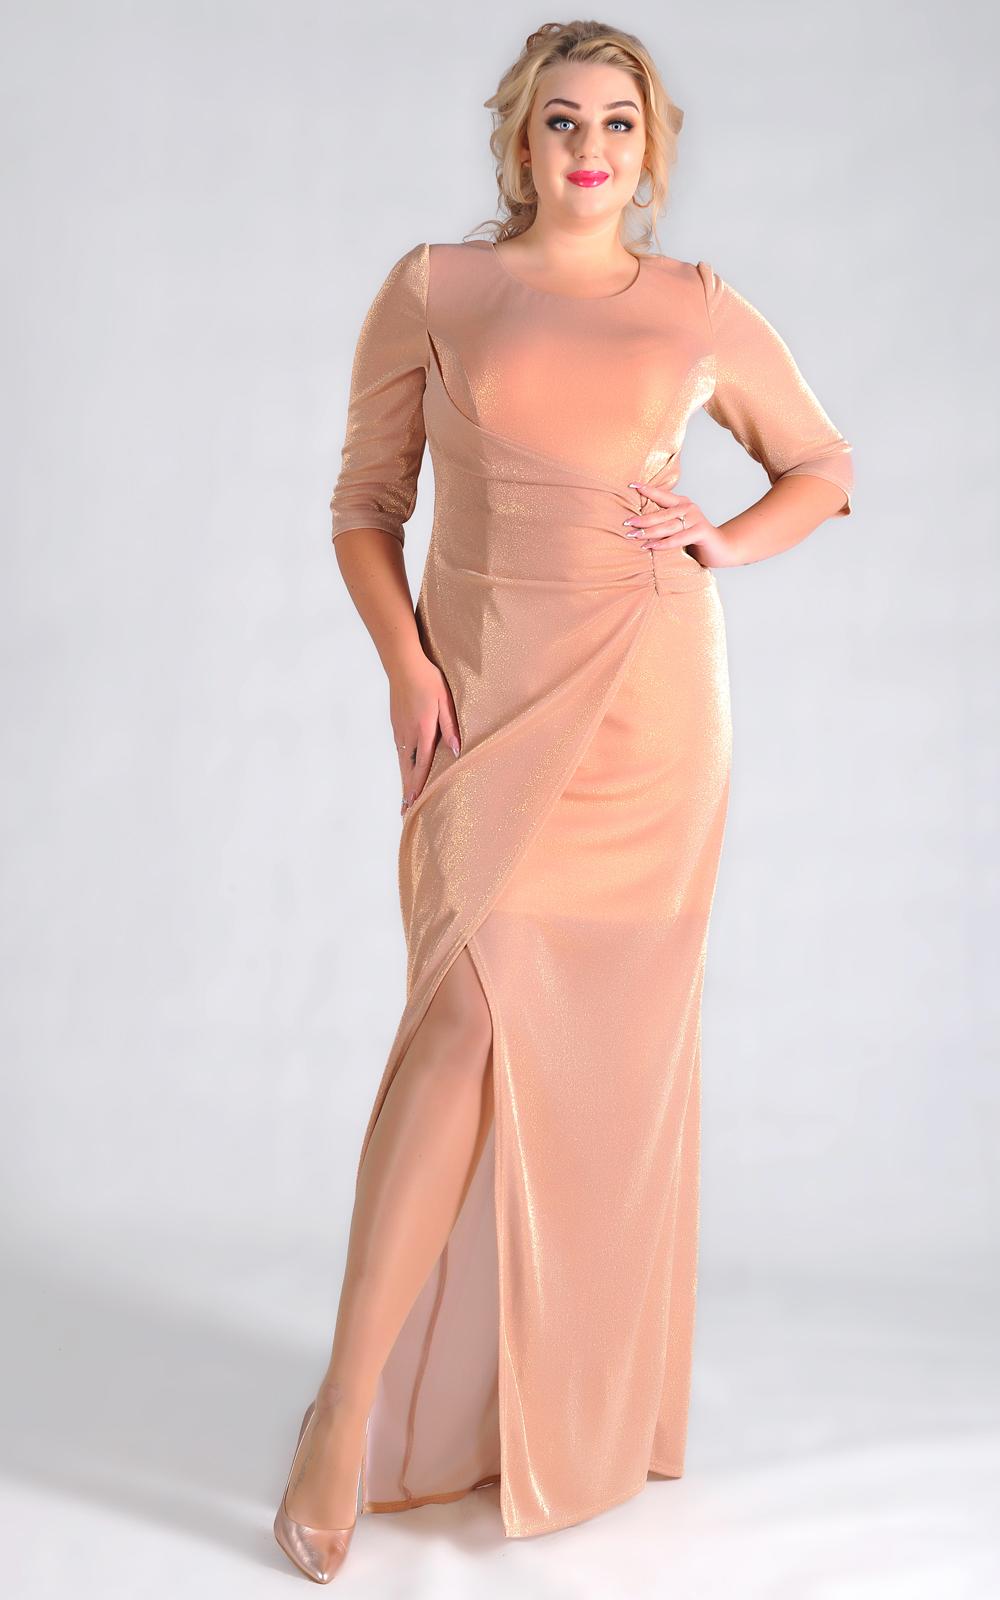 Платье Milomoor 42-27 (52-56)-Латте-54, 42-27 (52-56)-Латте-54